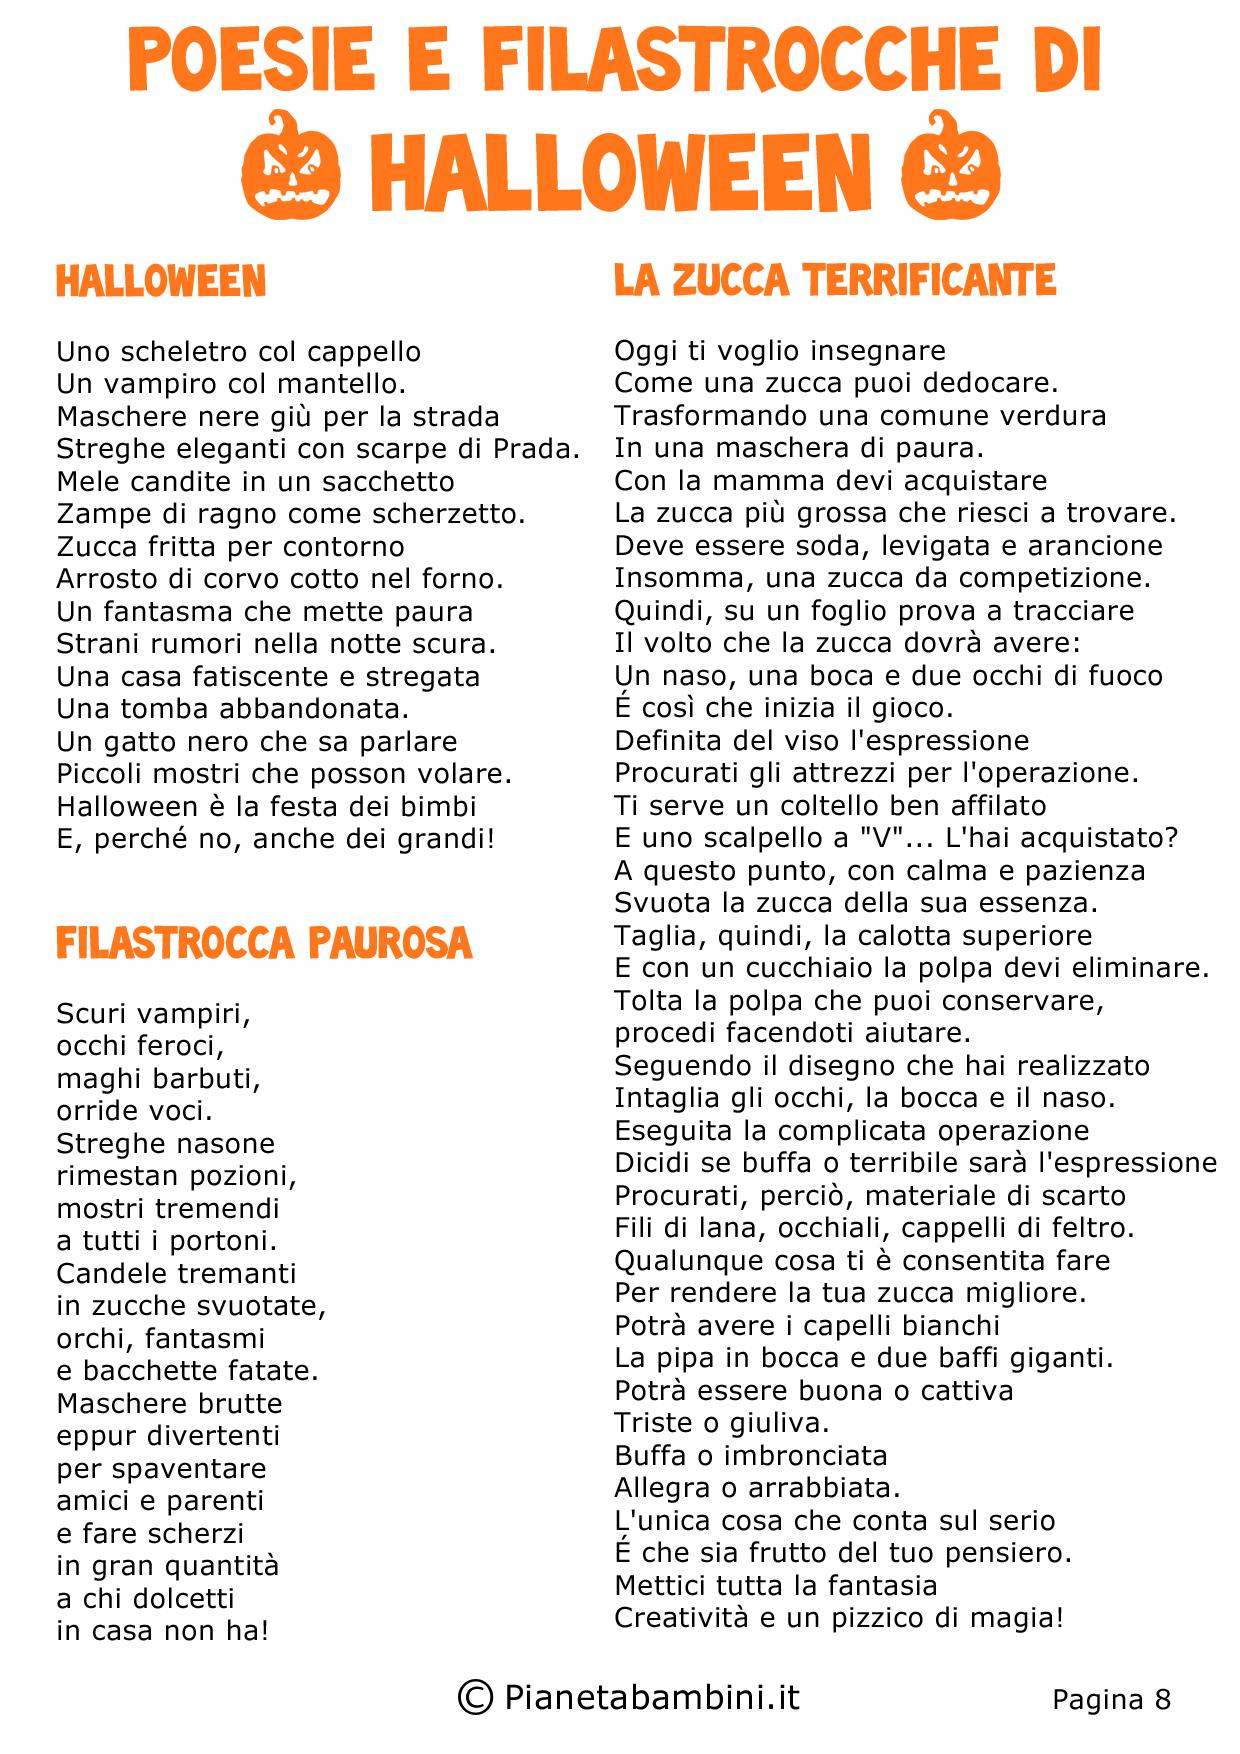 Poesie-Filastrocche-Halloween-8